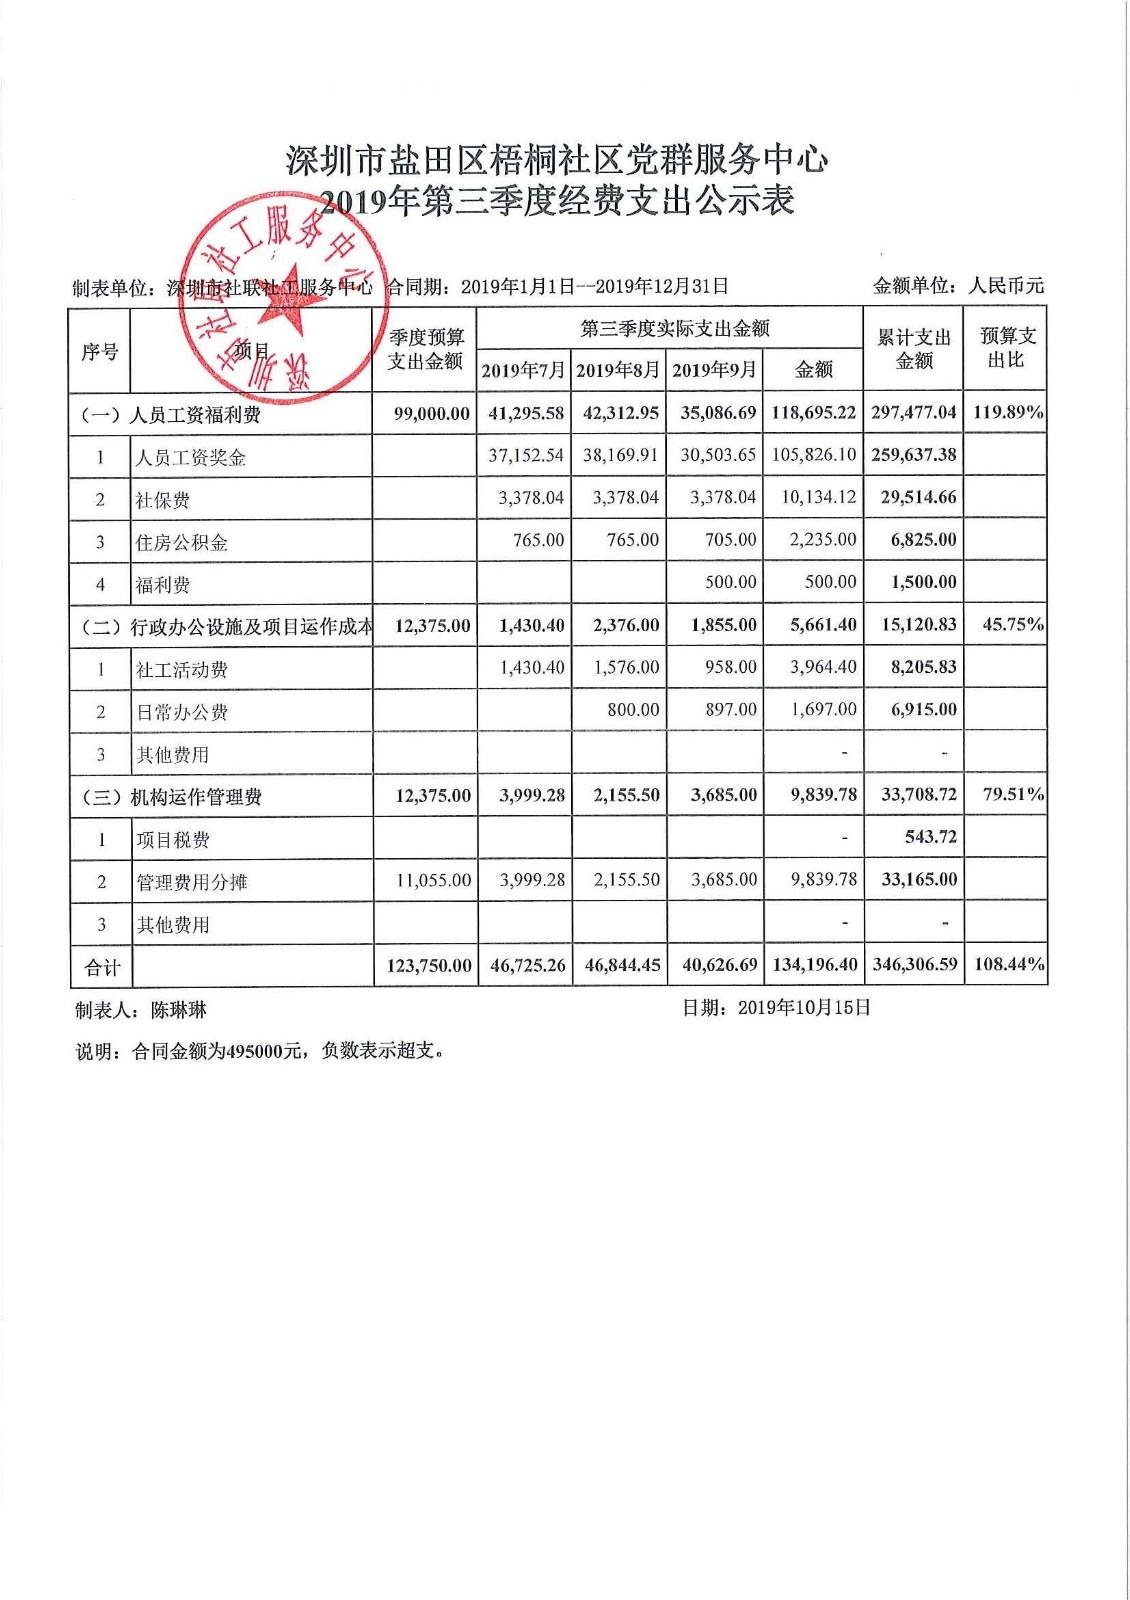 2019年第三季度梧桐社区费用公示表